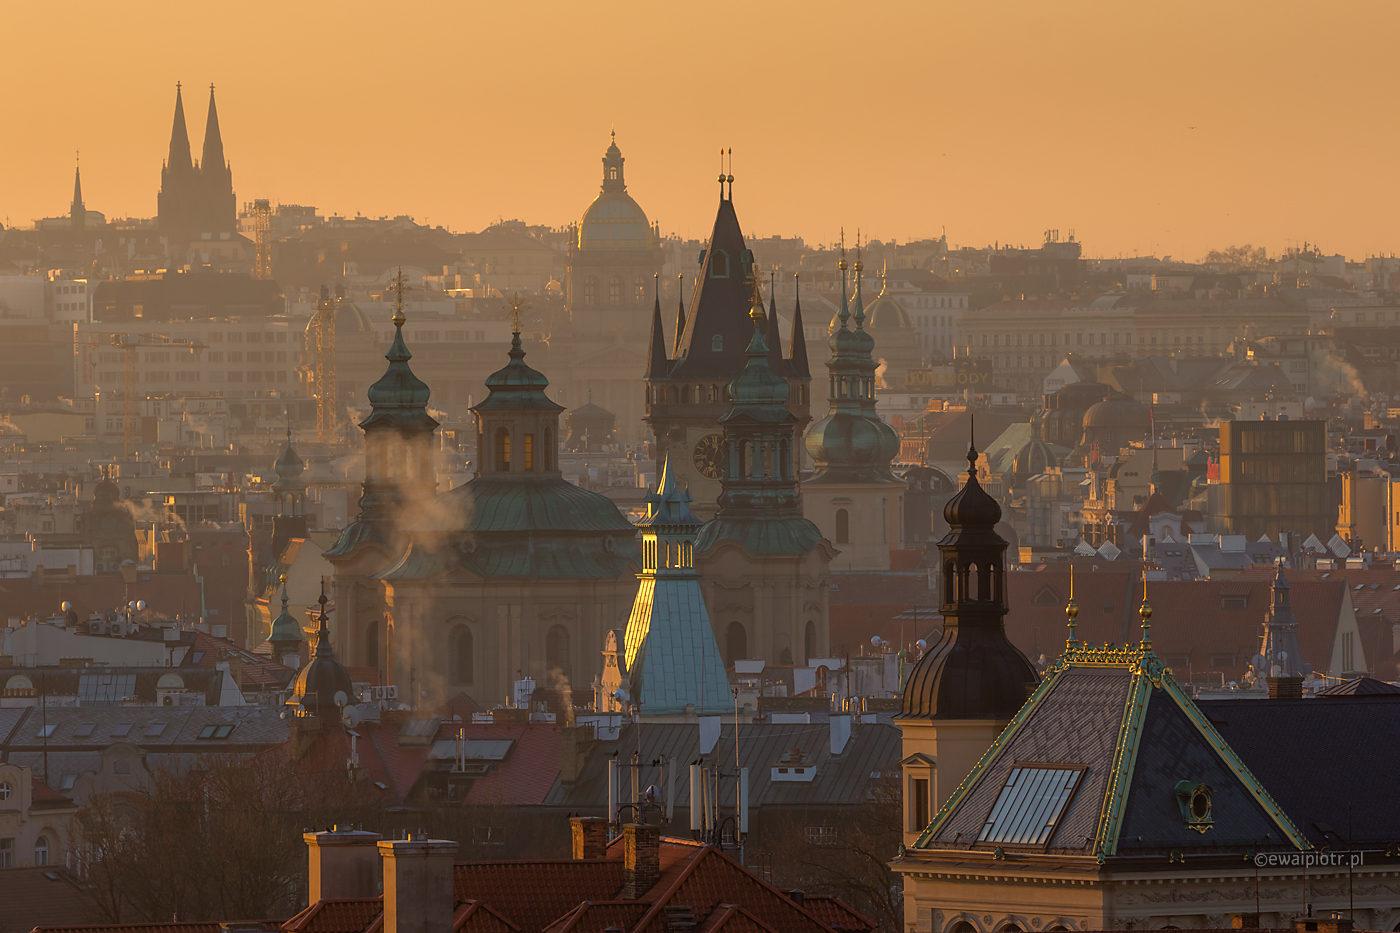 Praga o świcie, panorama miasta, dachy, wschód słońca